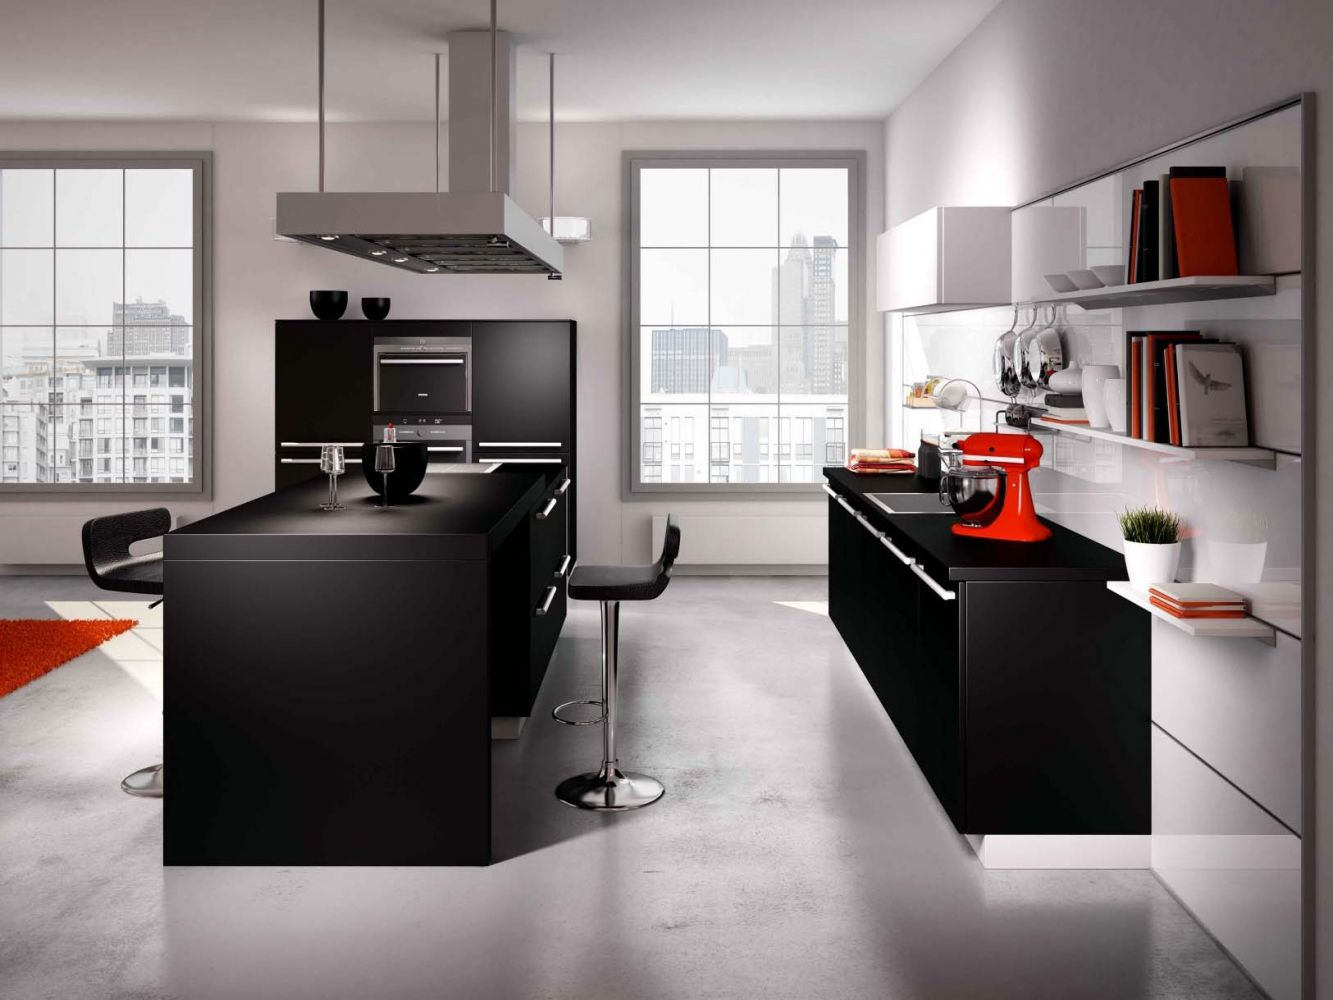 Cuisine style loft schmidtt avec de nombreux rangements meuble et d coration marseille for Mobilier cuisine design